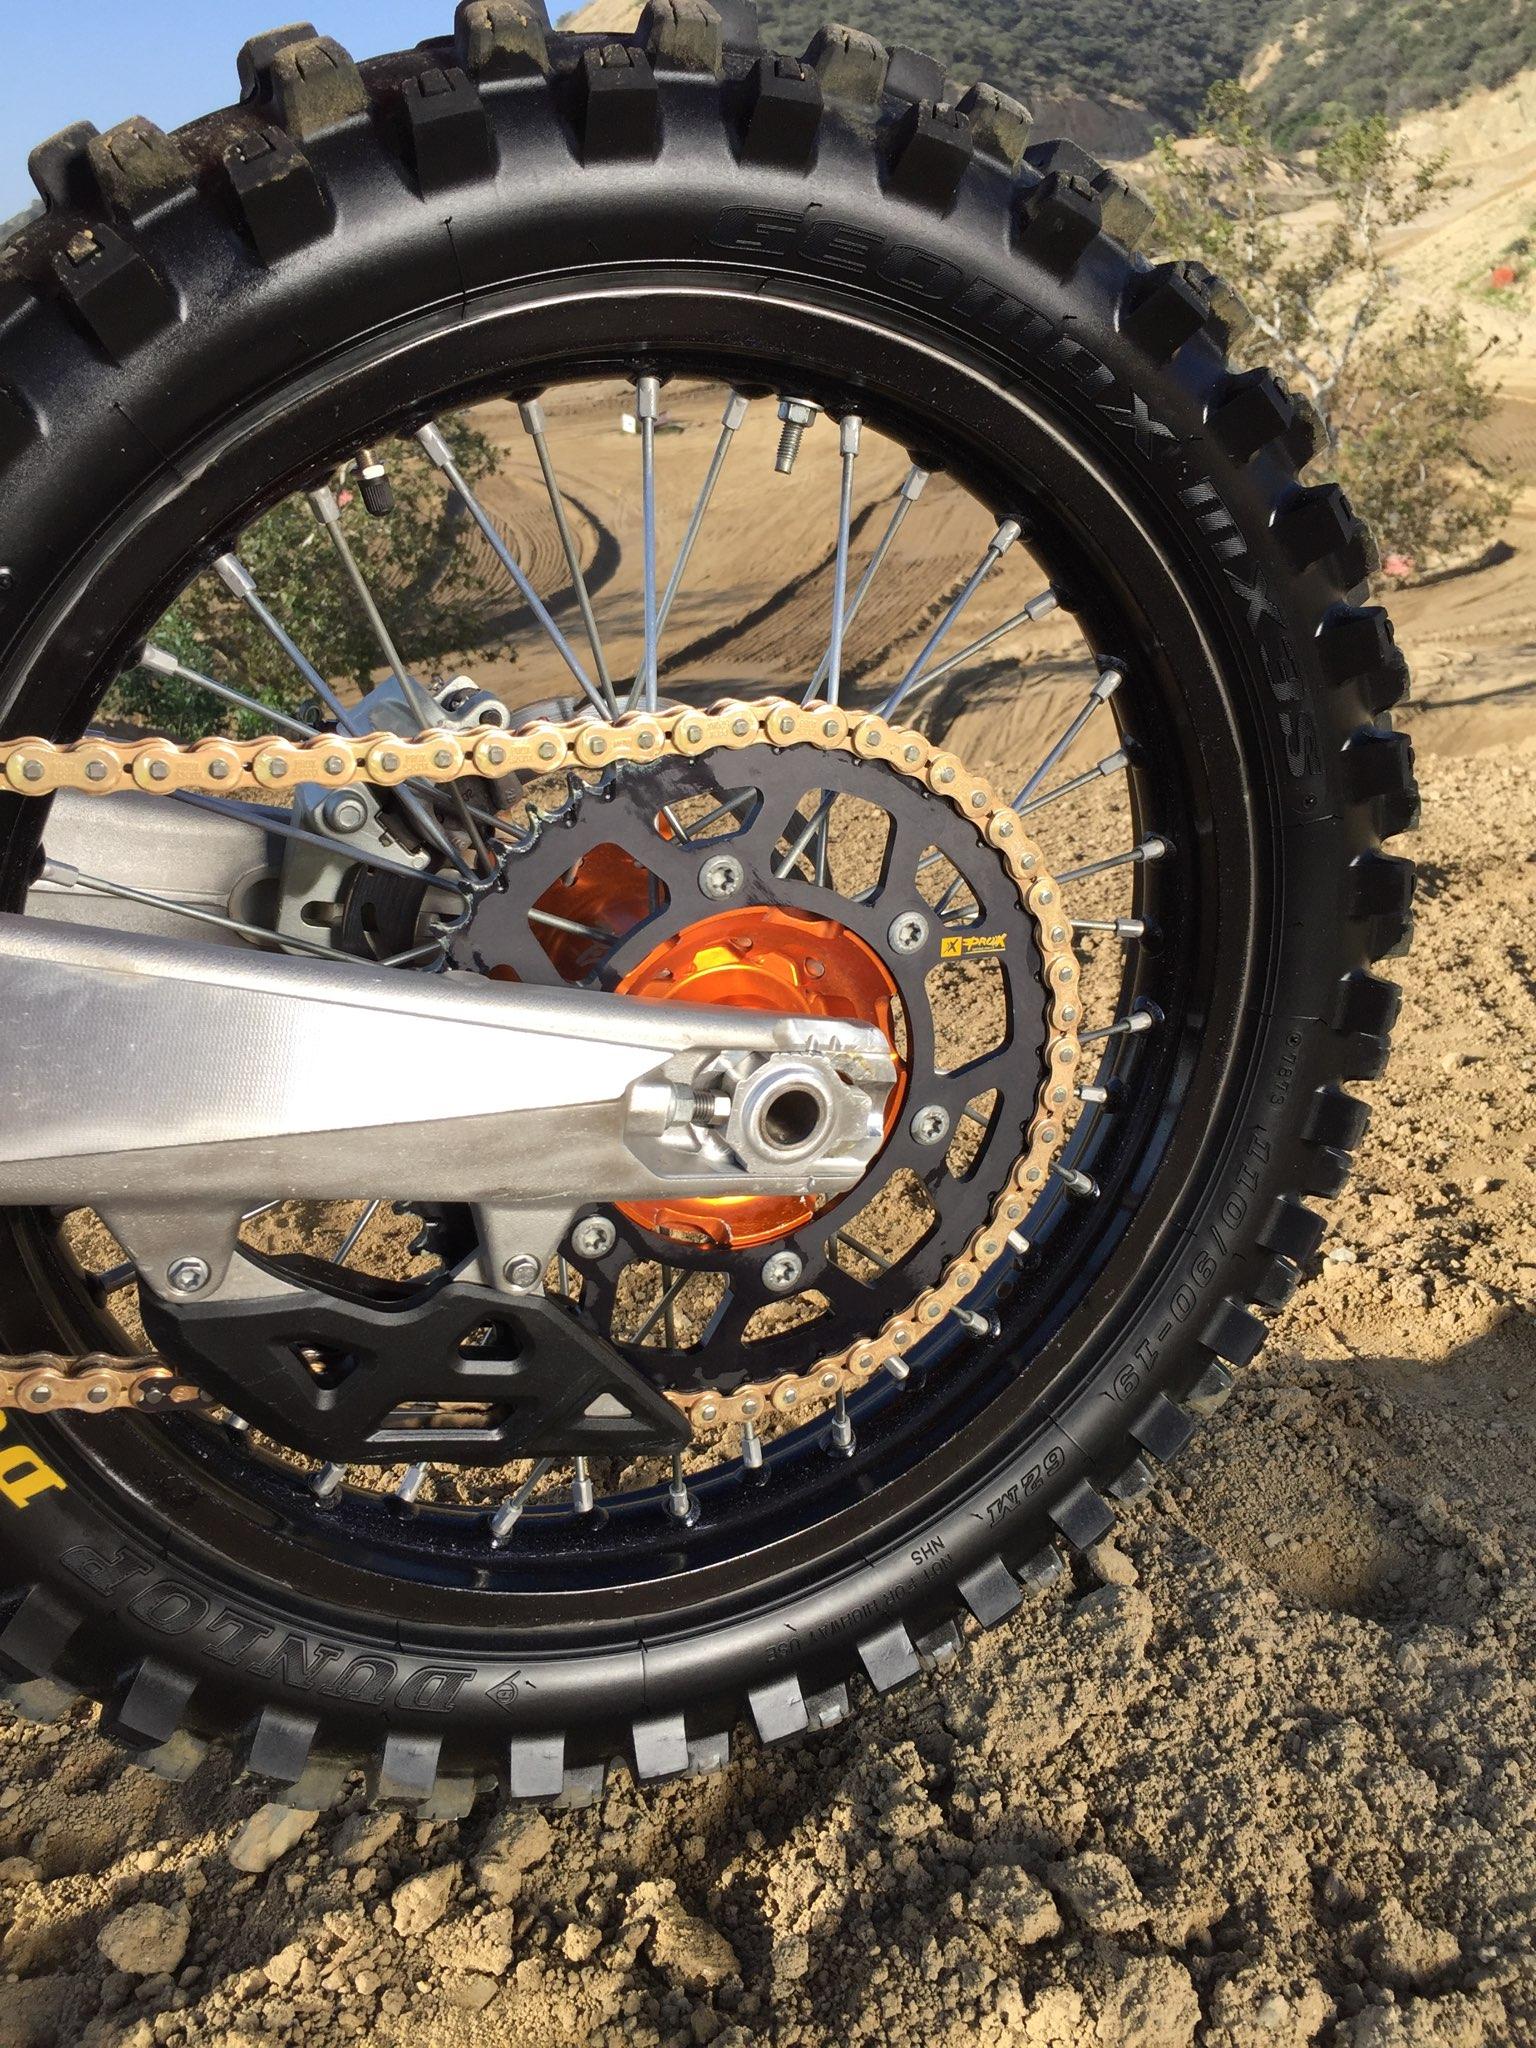 Accesorios de motos Accesorios de la motocicleta Frente Pinza de freno Establece con almohadillas for Yamaha Banshee 350 YFZ350 1990-2001 Accesorios de freno